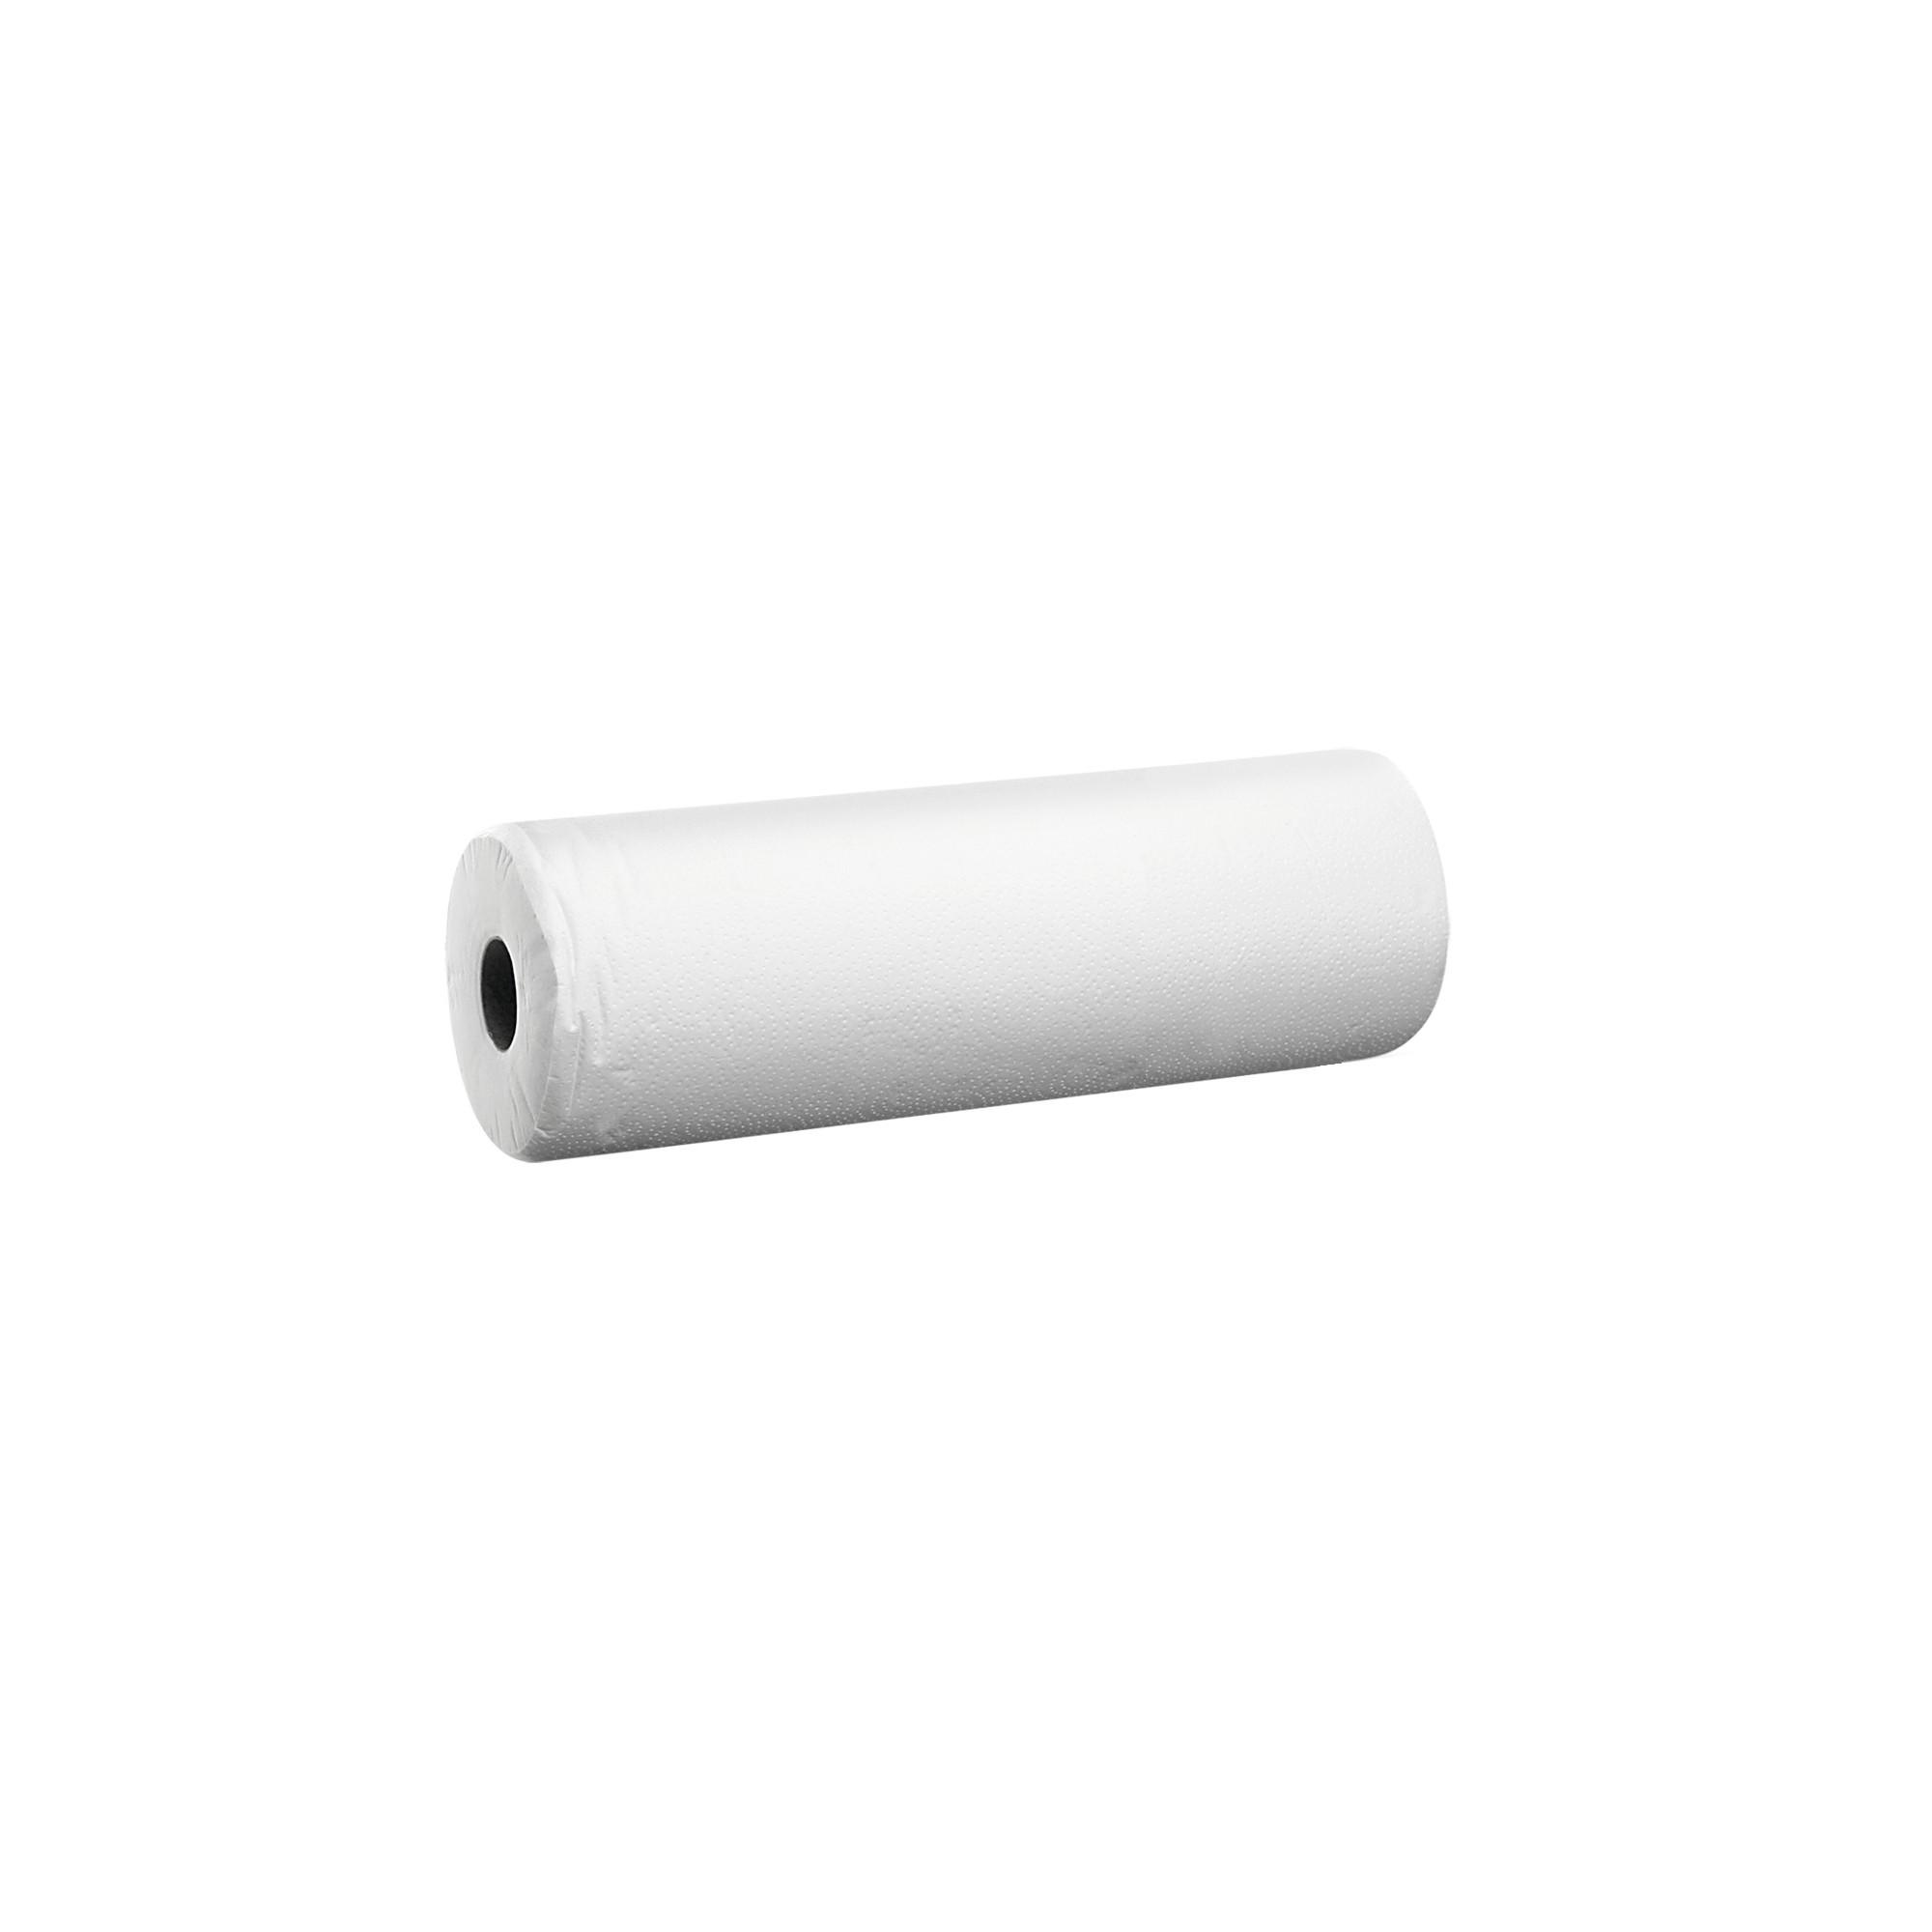 Papier crépon médical - 4 tailles disponibles - Ruck